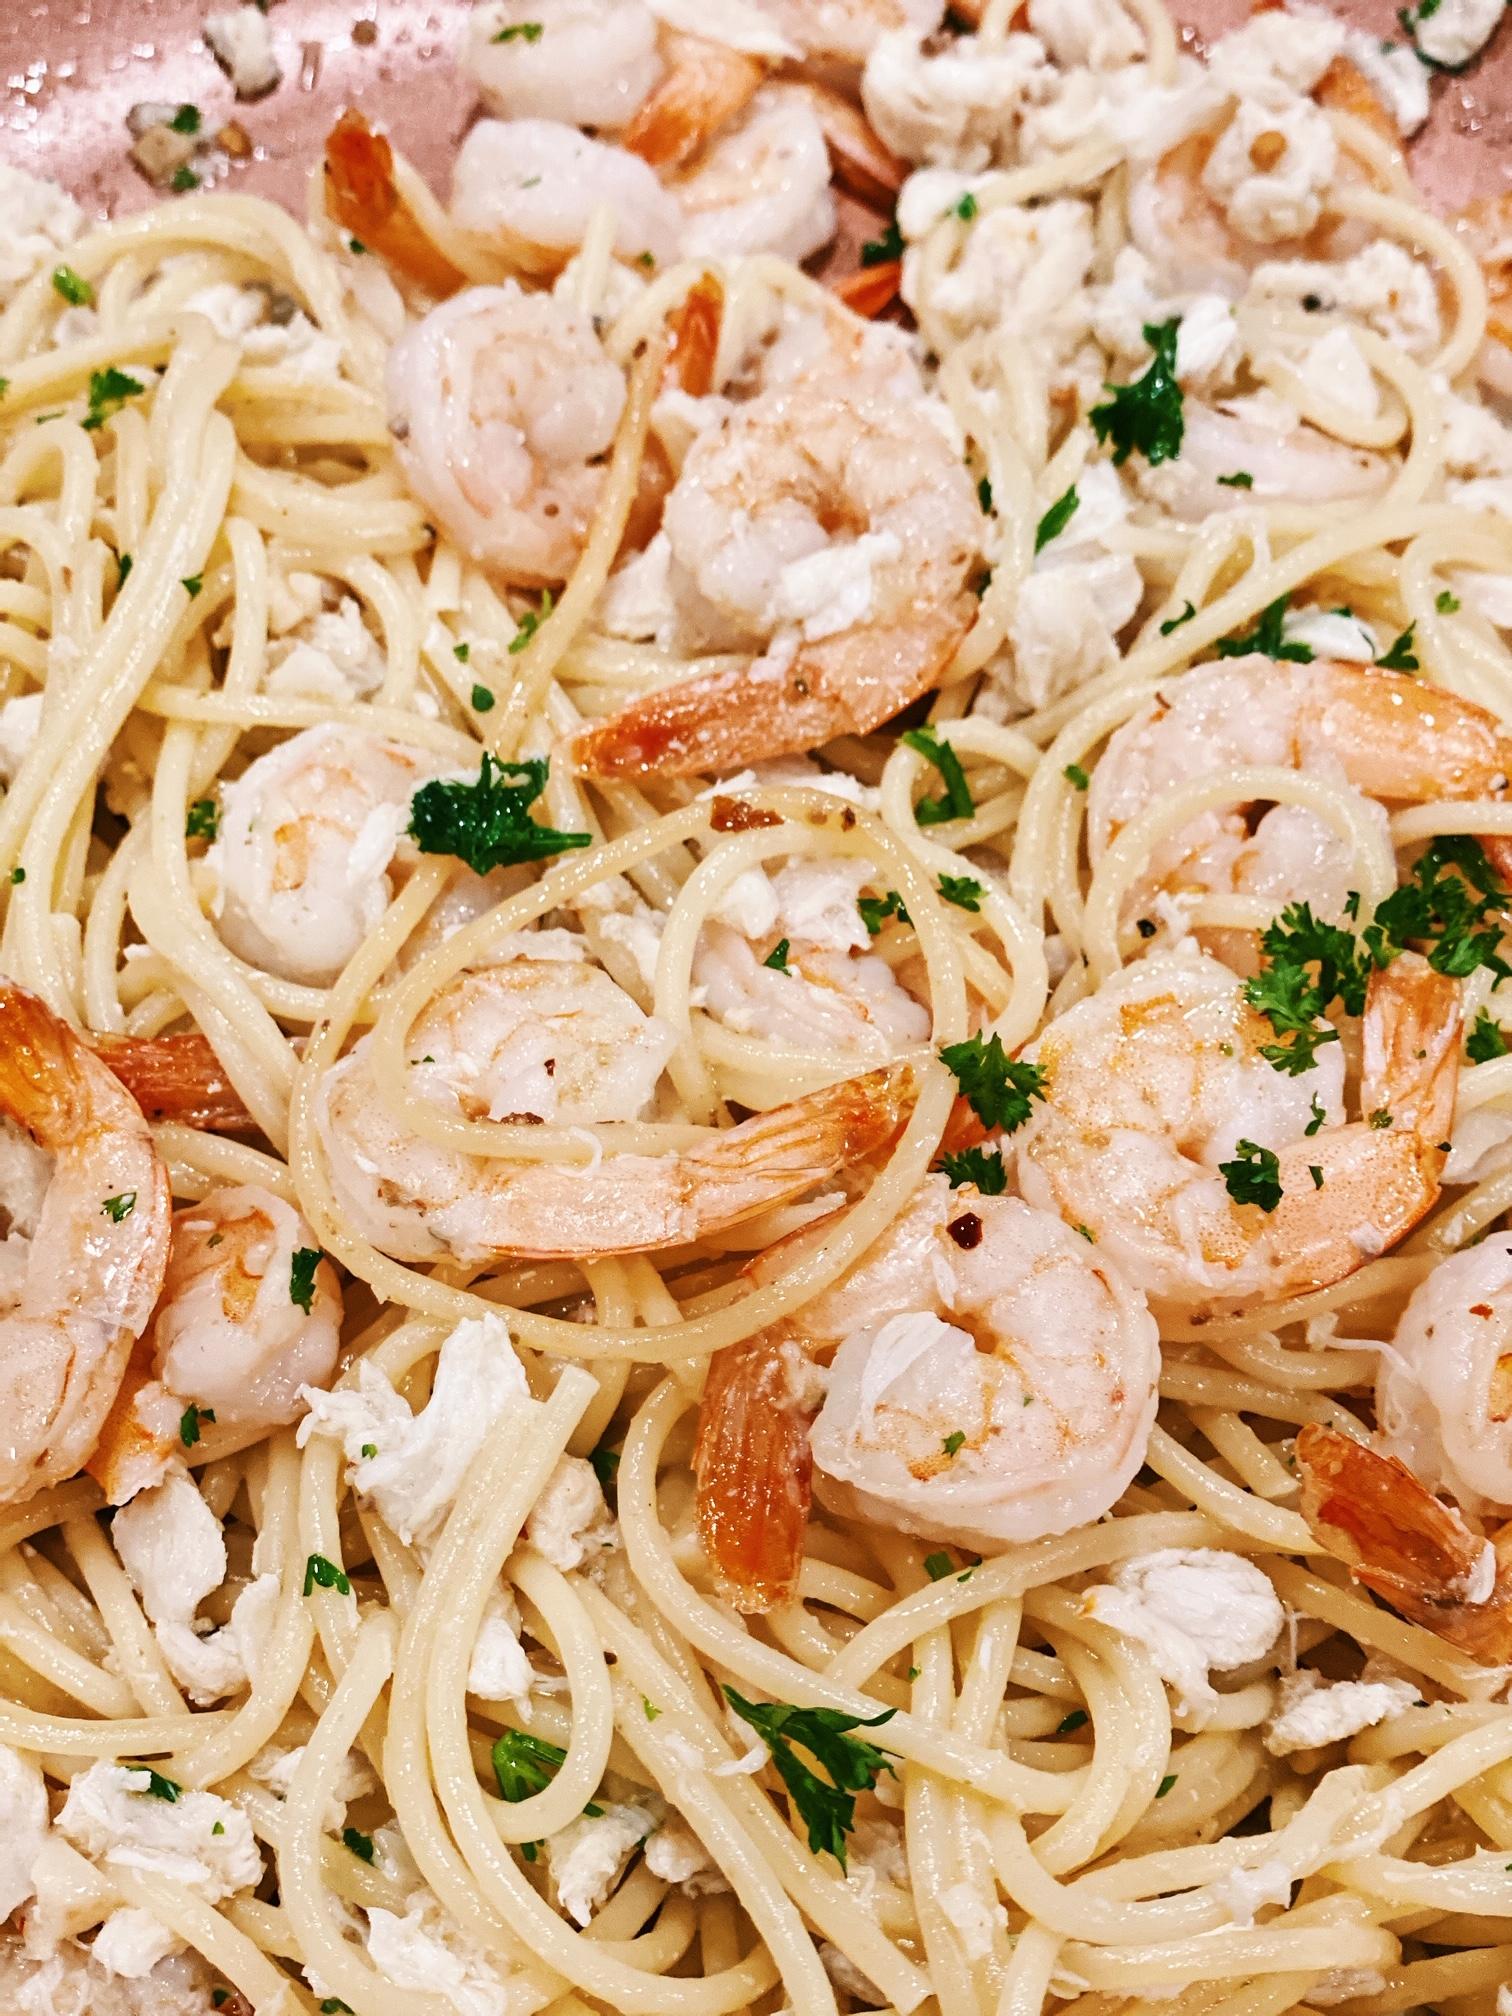 Shrimp And Crab Pasta In White Wine Sauce Besos Alina